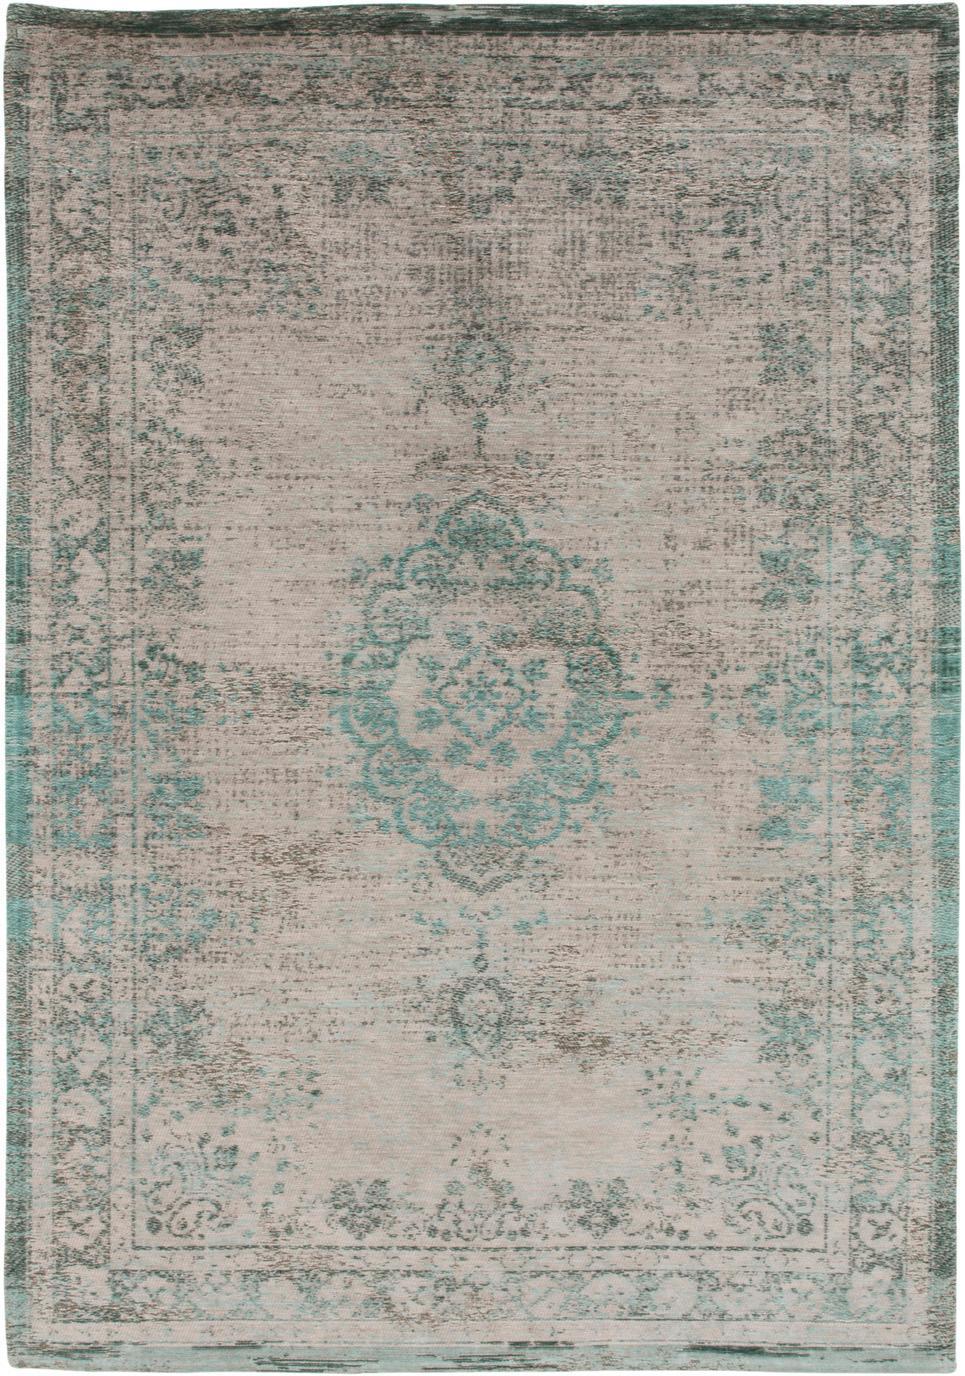 Tappeto vintage in ciniglia Medaillon, Tessuto: Jacquard, Retro: Filato di ciniglia, rives, Verde, rosa, Larg.170 x Lung. 240 cm  (taglia M)